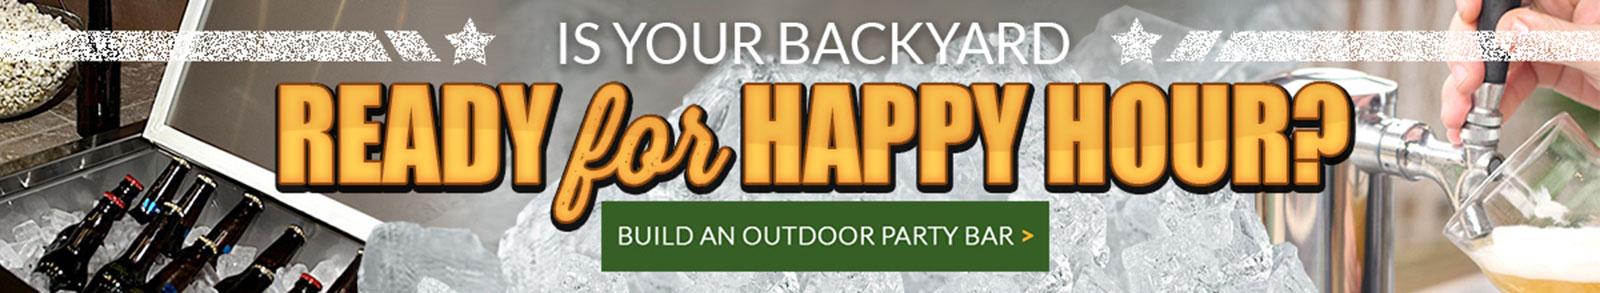 Outdoor Party Bar